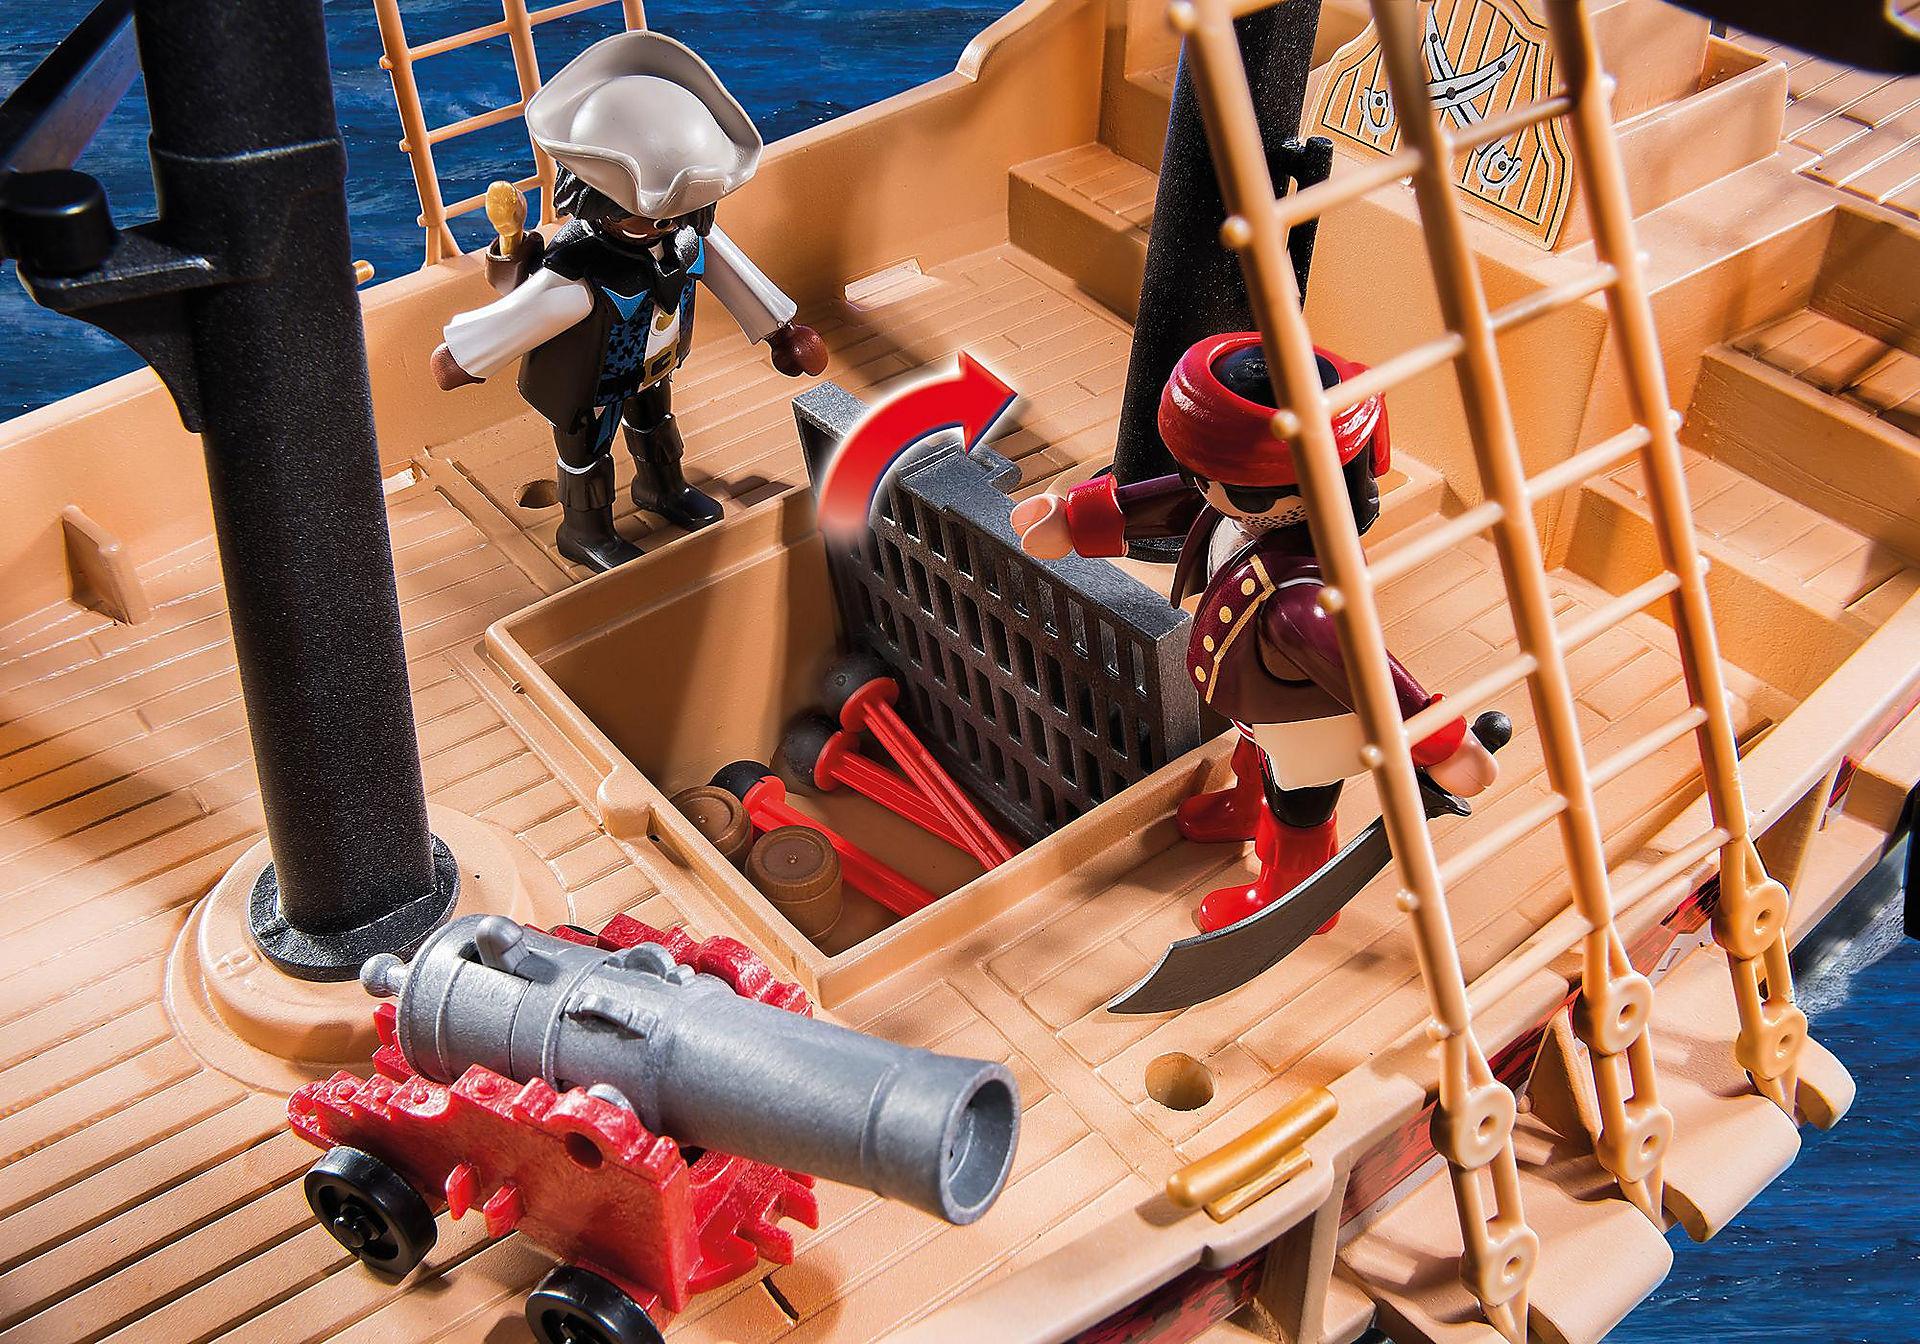 http://media.playmobil.com/i/playmobil/6678_product_extra2/Πειρατική φρεγάτα